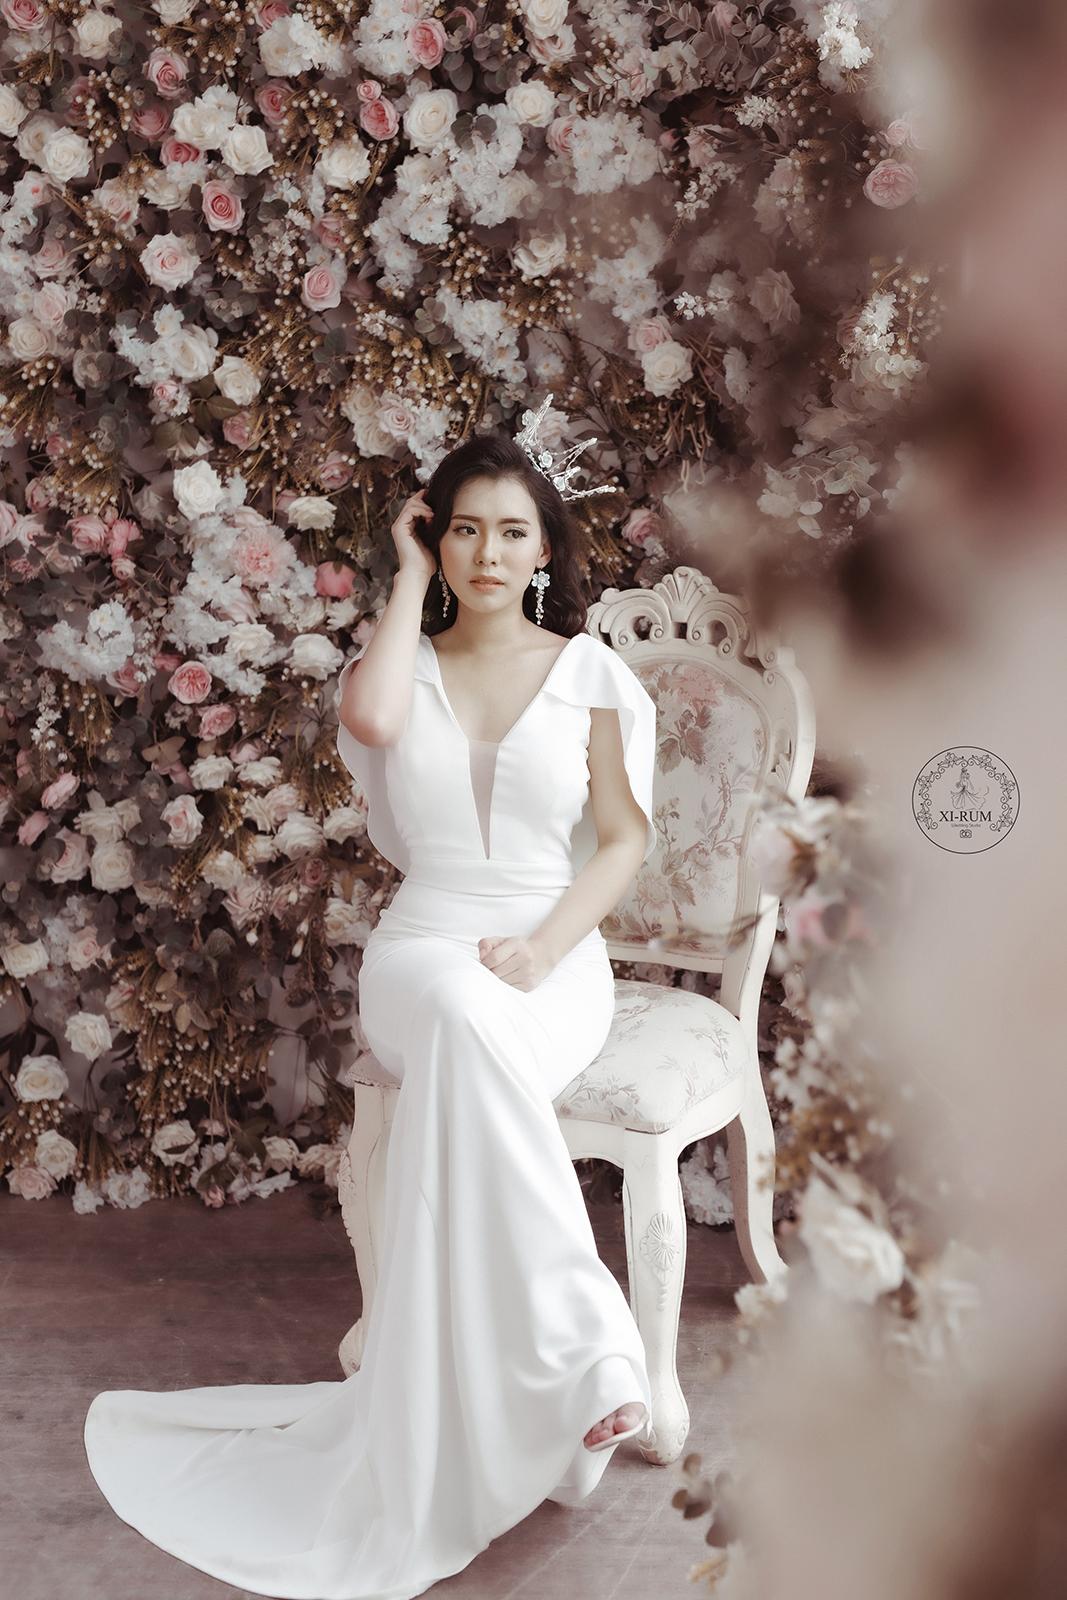 Xếp hạng 10 studio chụp ảnh cưới đẹp nhất Thành phố Hồ Chí Minh - XiRum Wedding